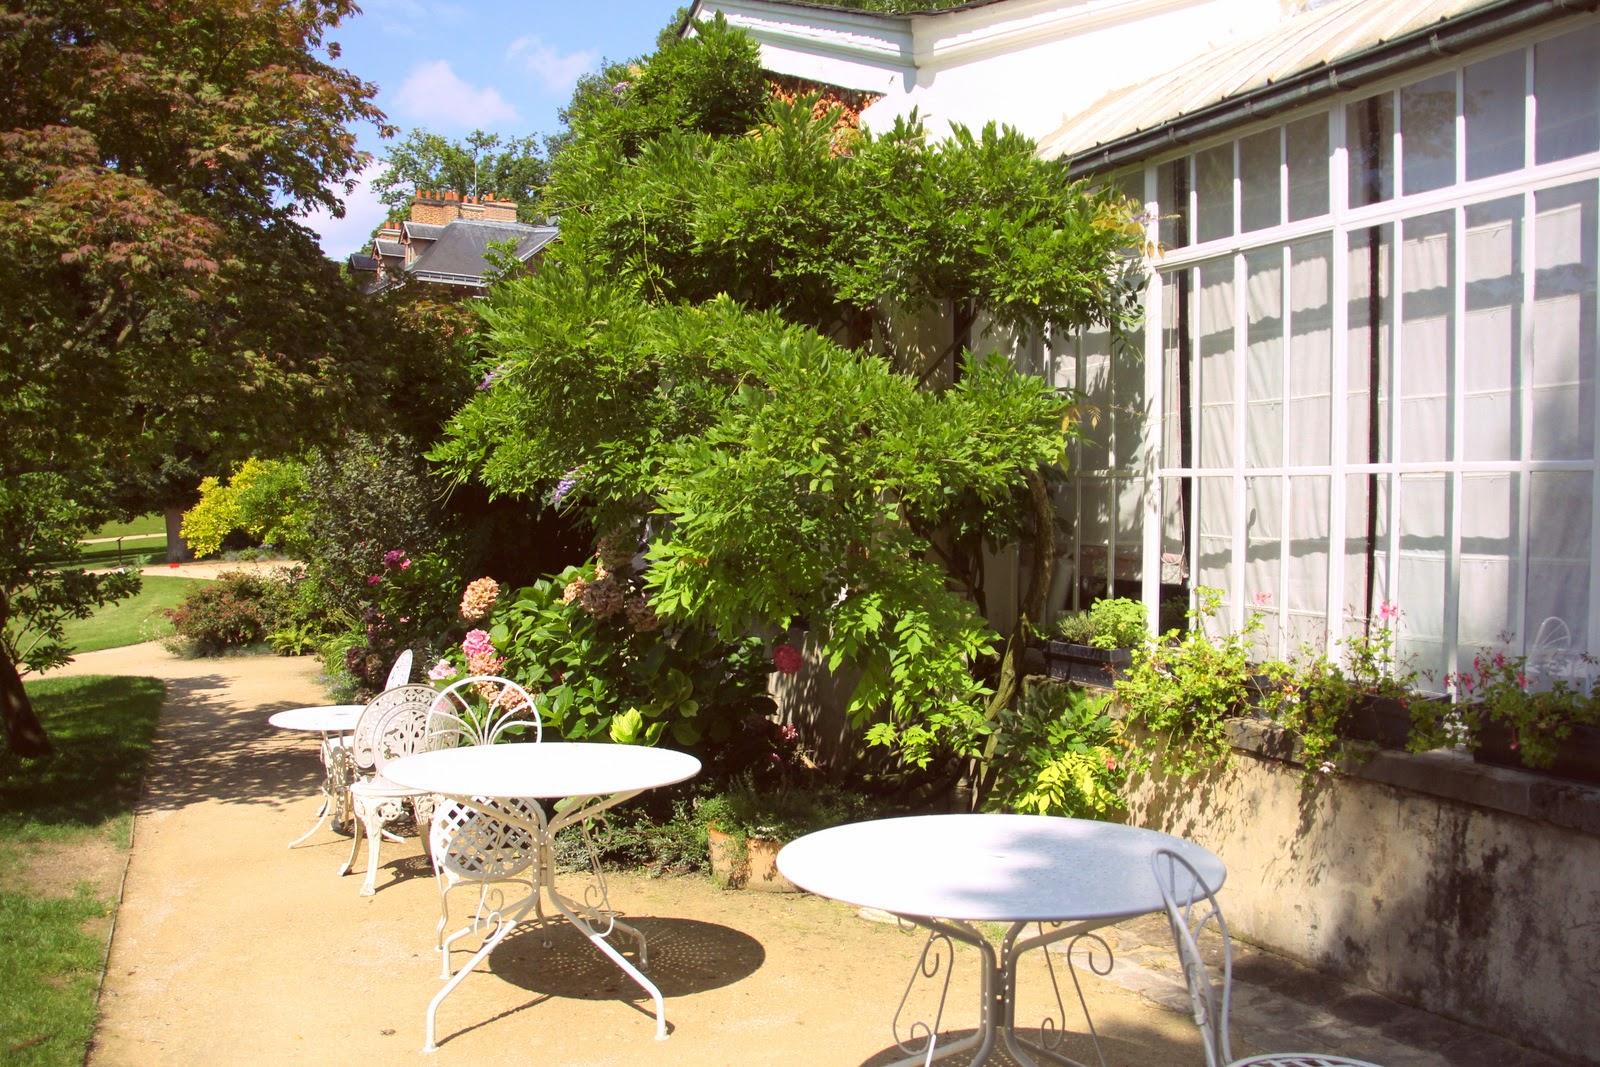 maison chateaubriand parc hauts de seine tourisme balade salon de thé